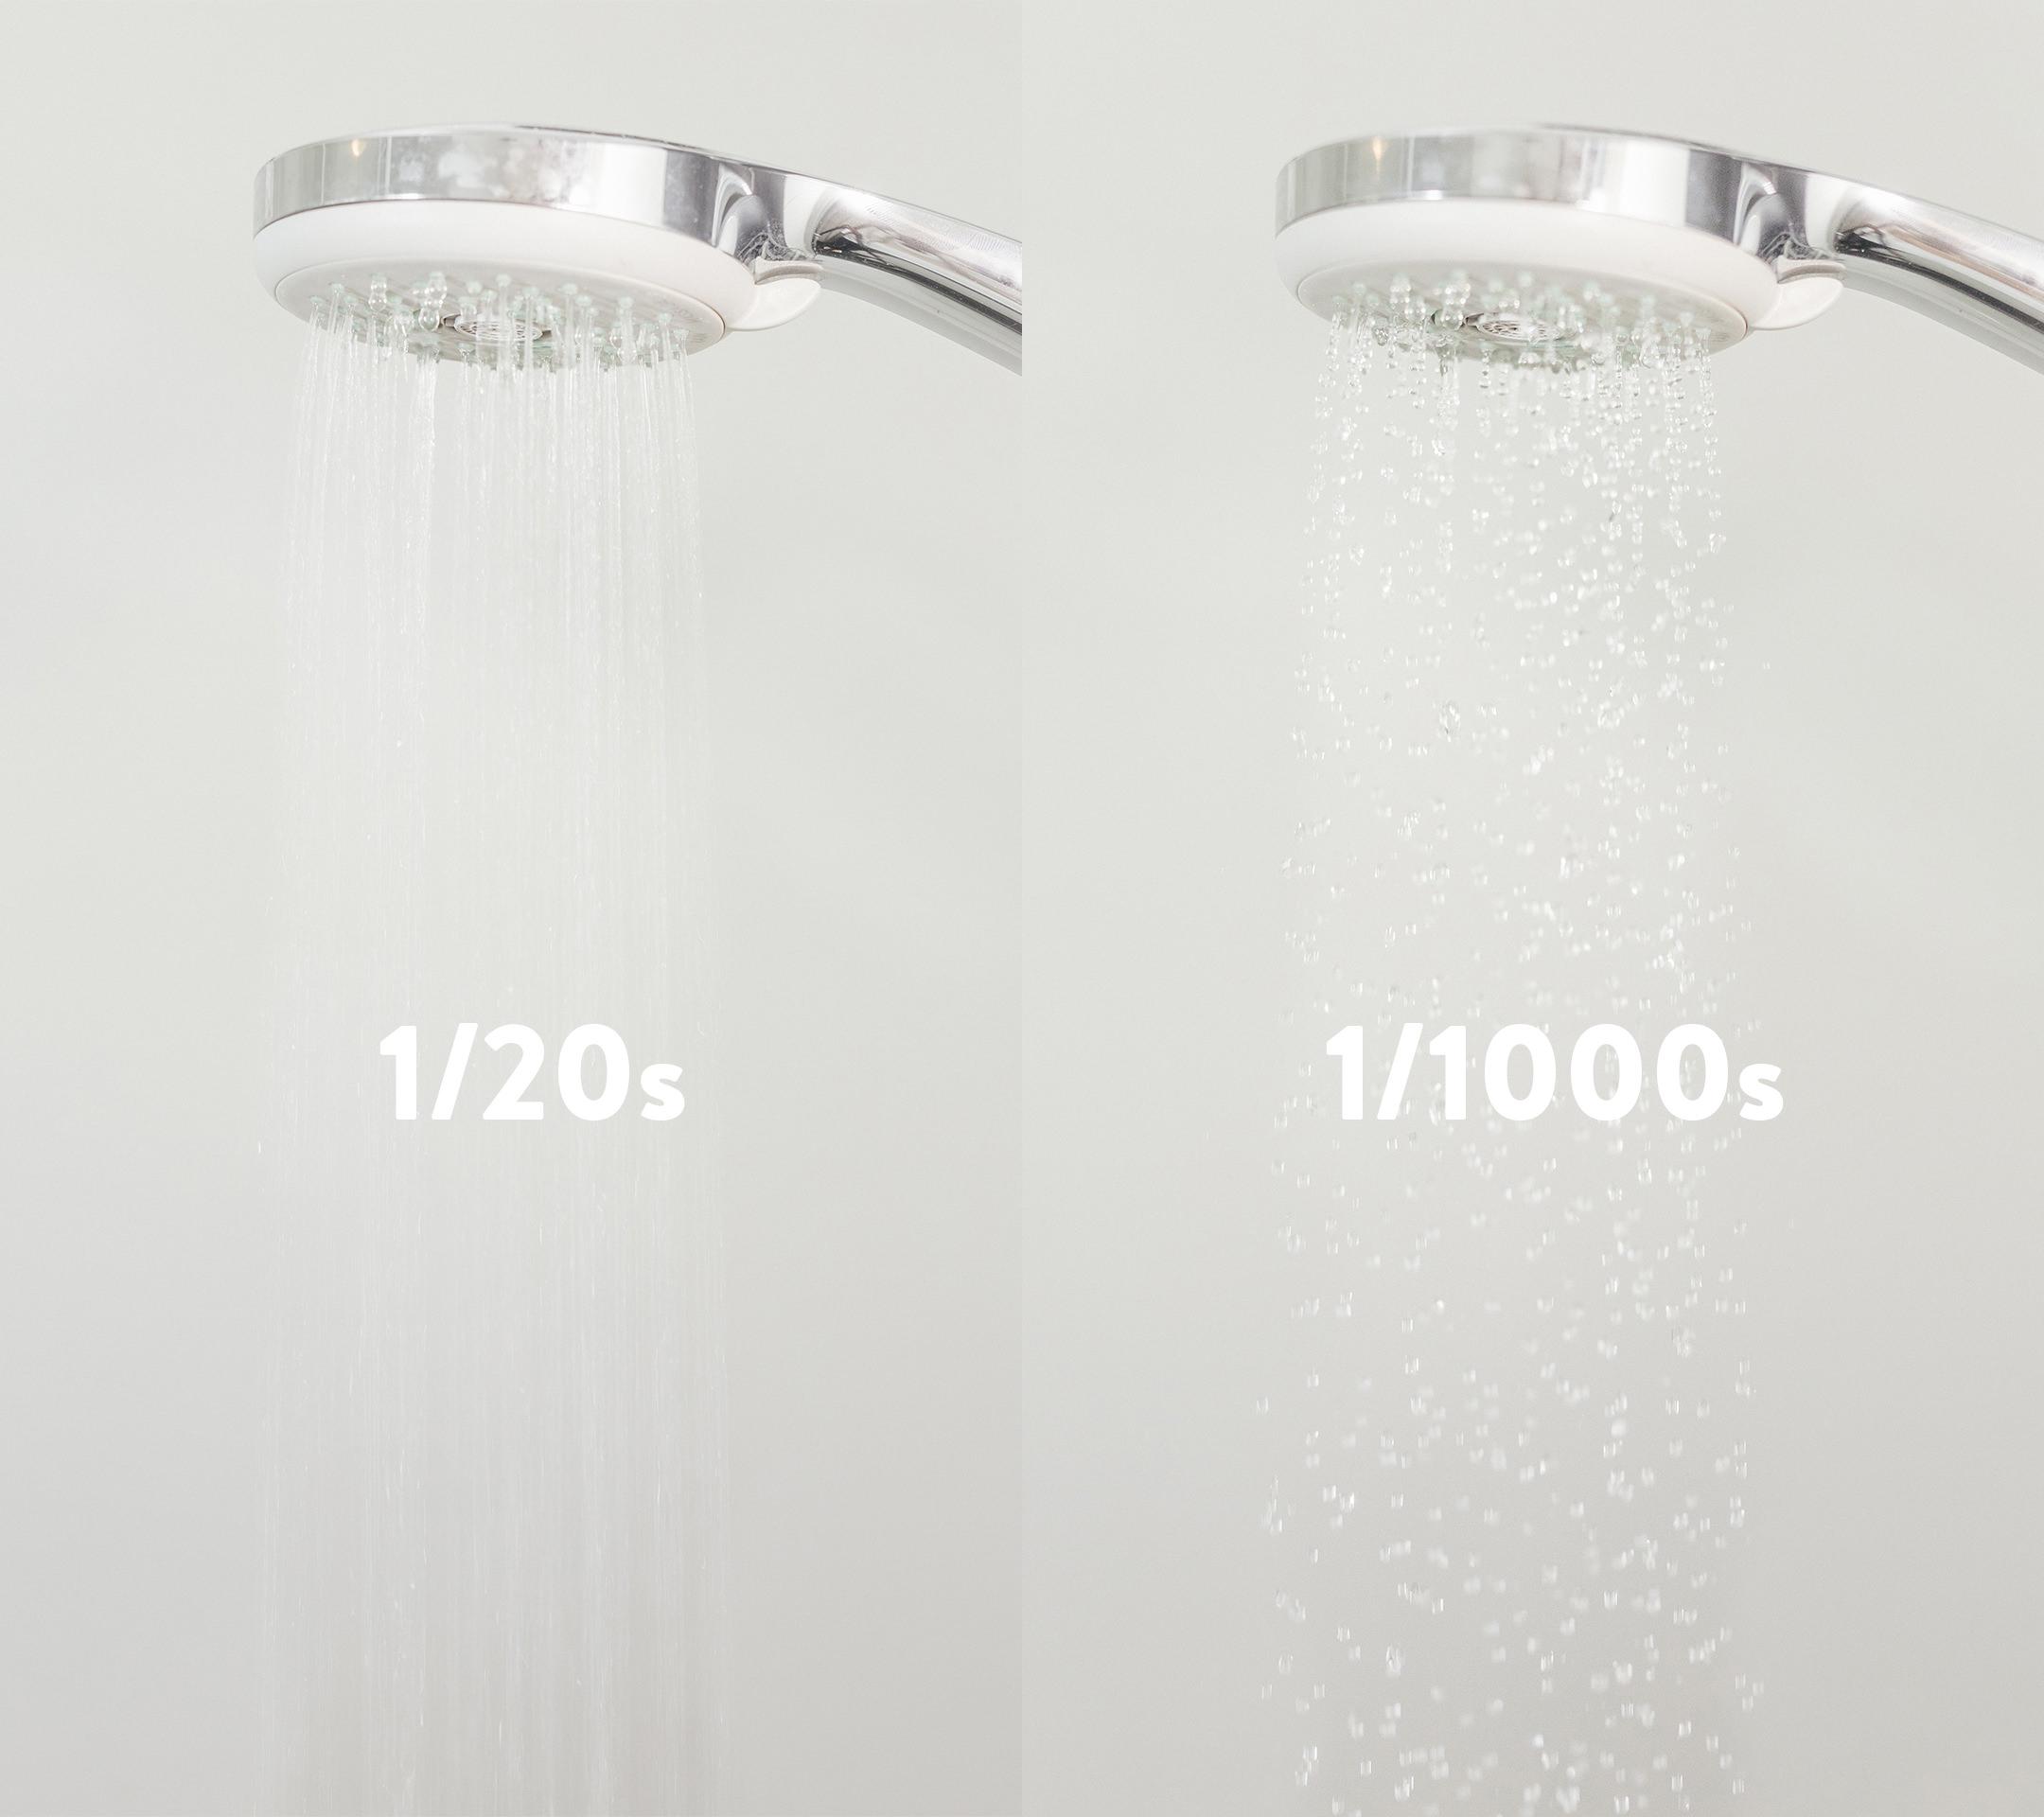 Zwei Belichtungszeiten im Vergleich